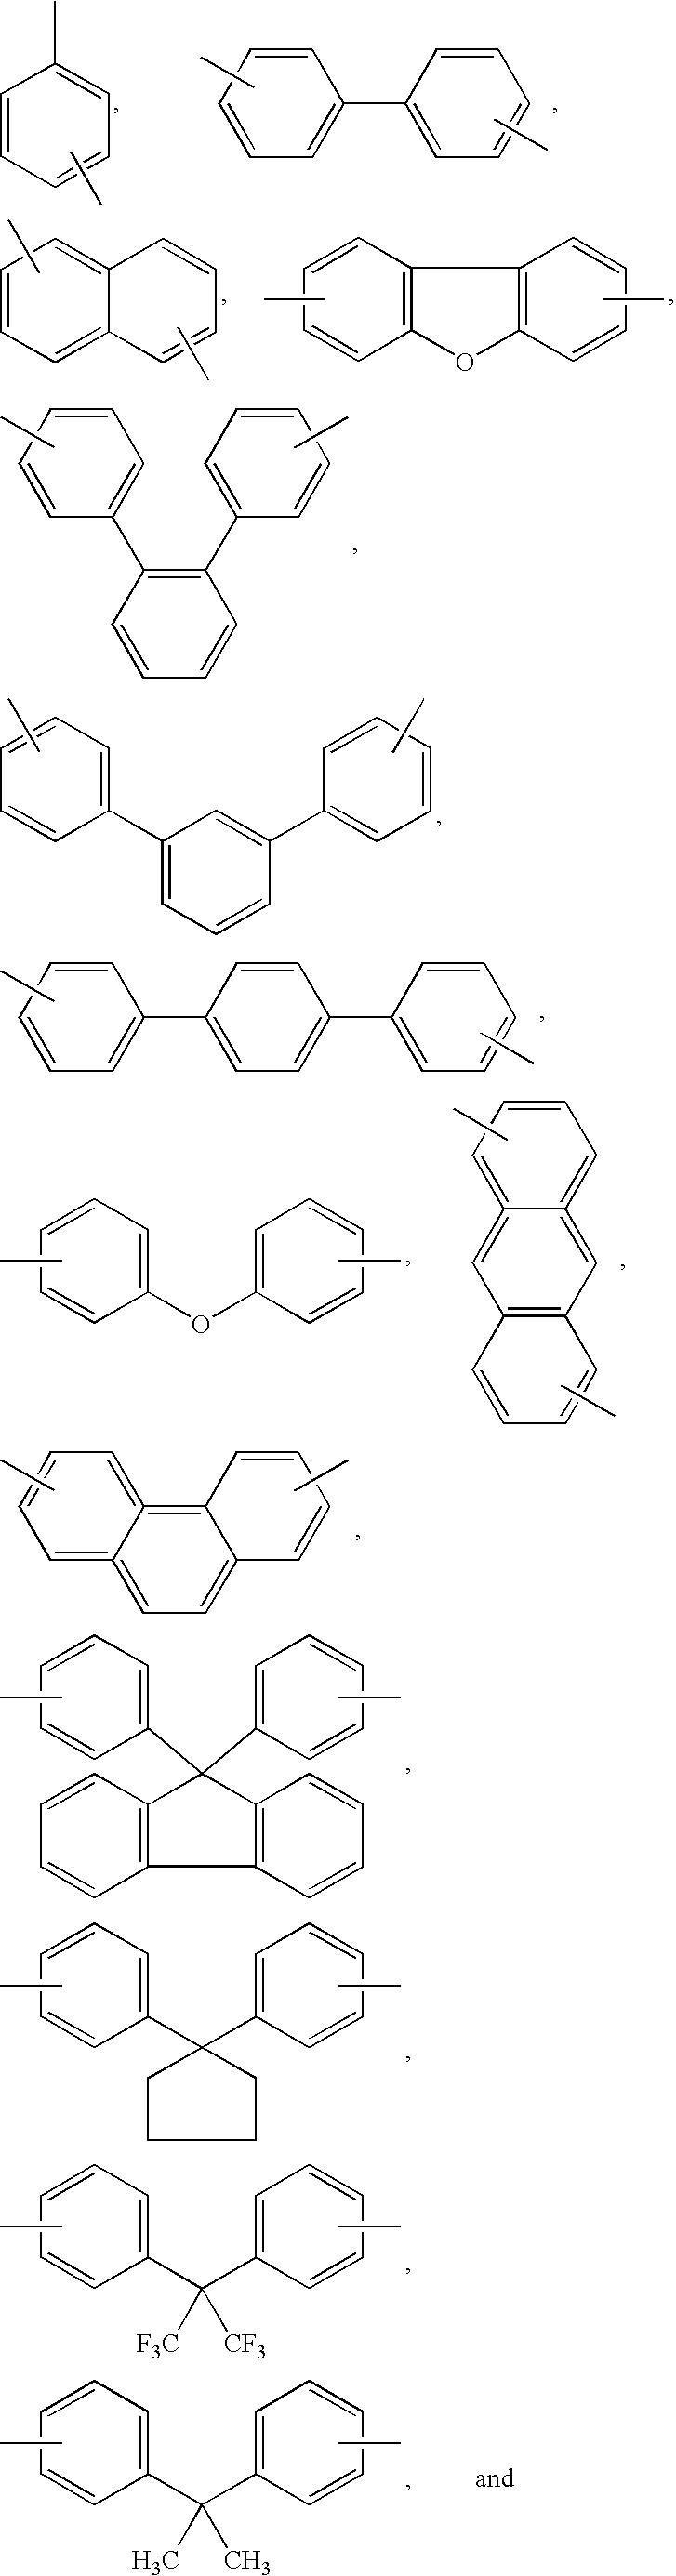 Figure US06716955-20040406-C00026